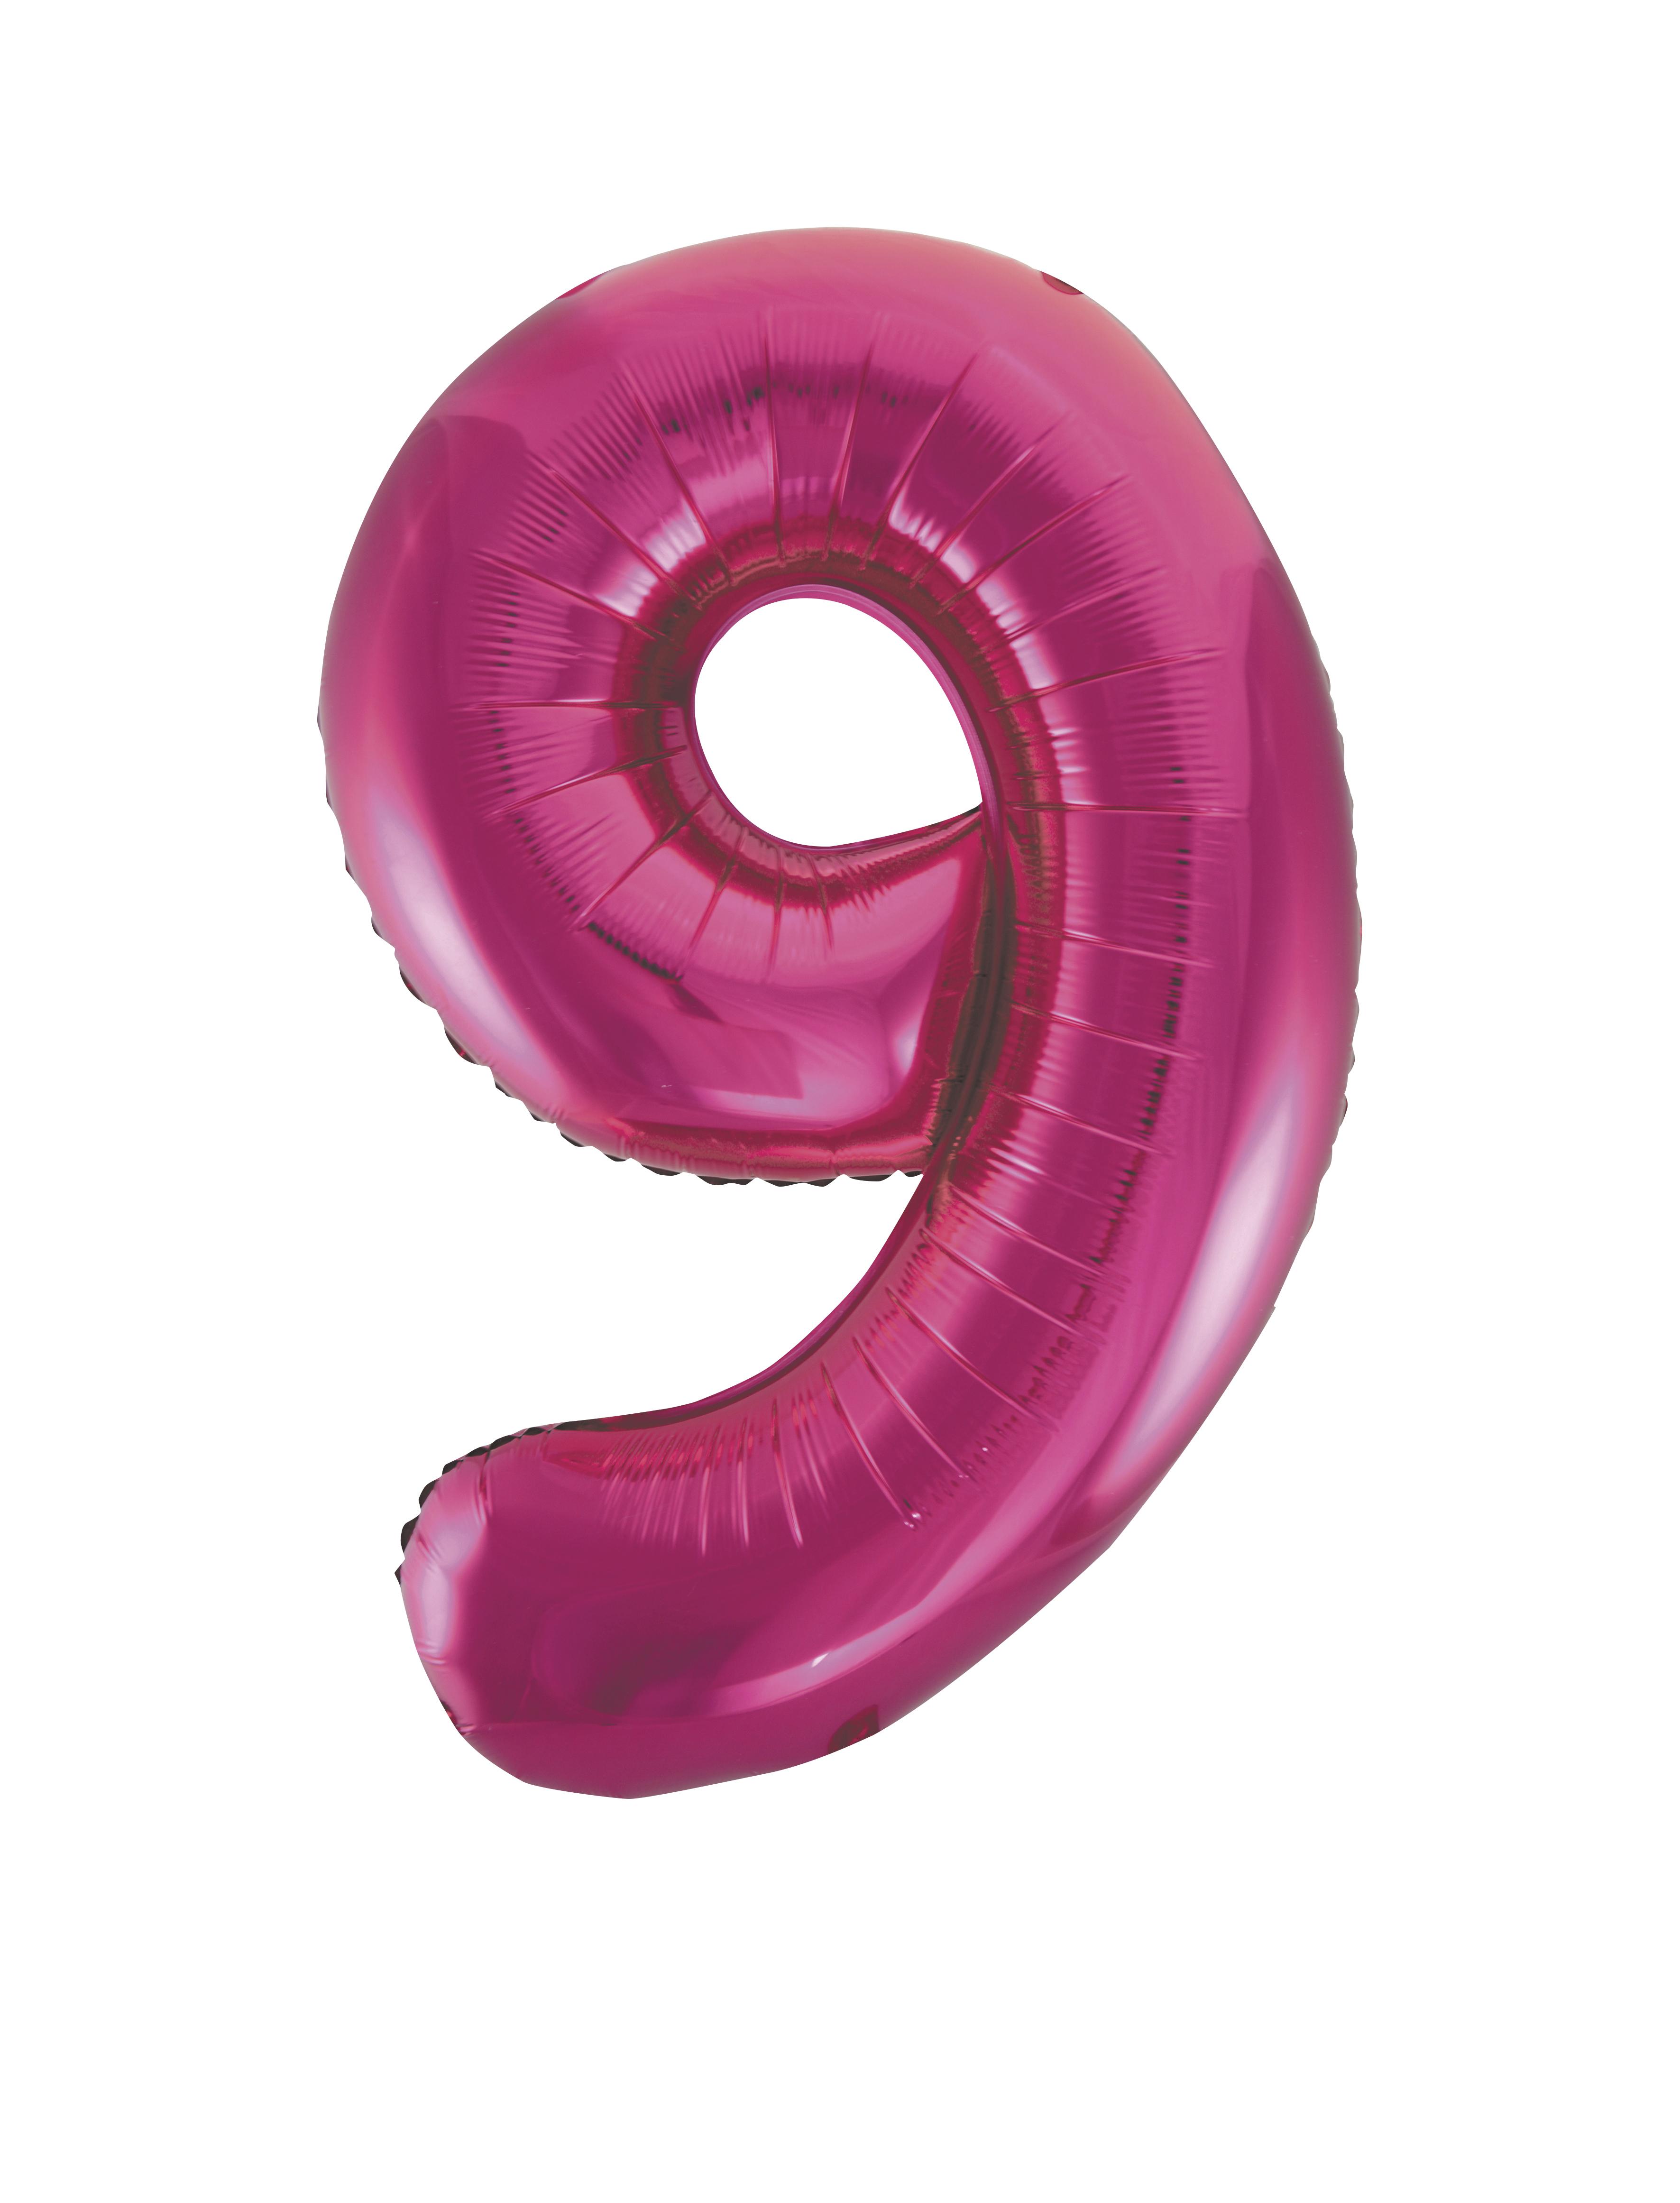 86-4cm-Geant-Aluminium-Numero-Rose-Helium-Gros-Ballons-Fete-D-039-Anniversaire miniature 21